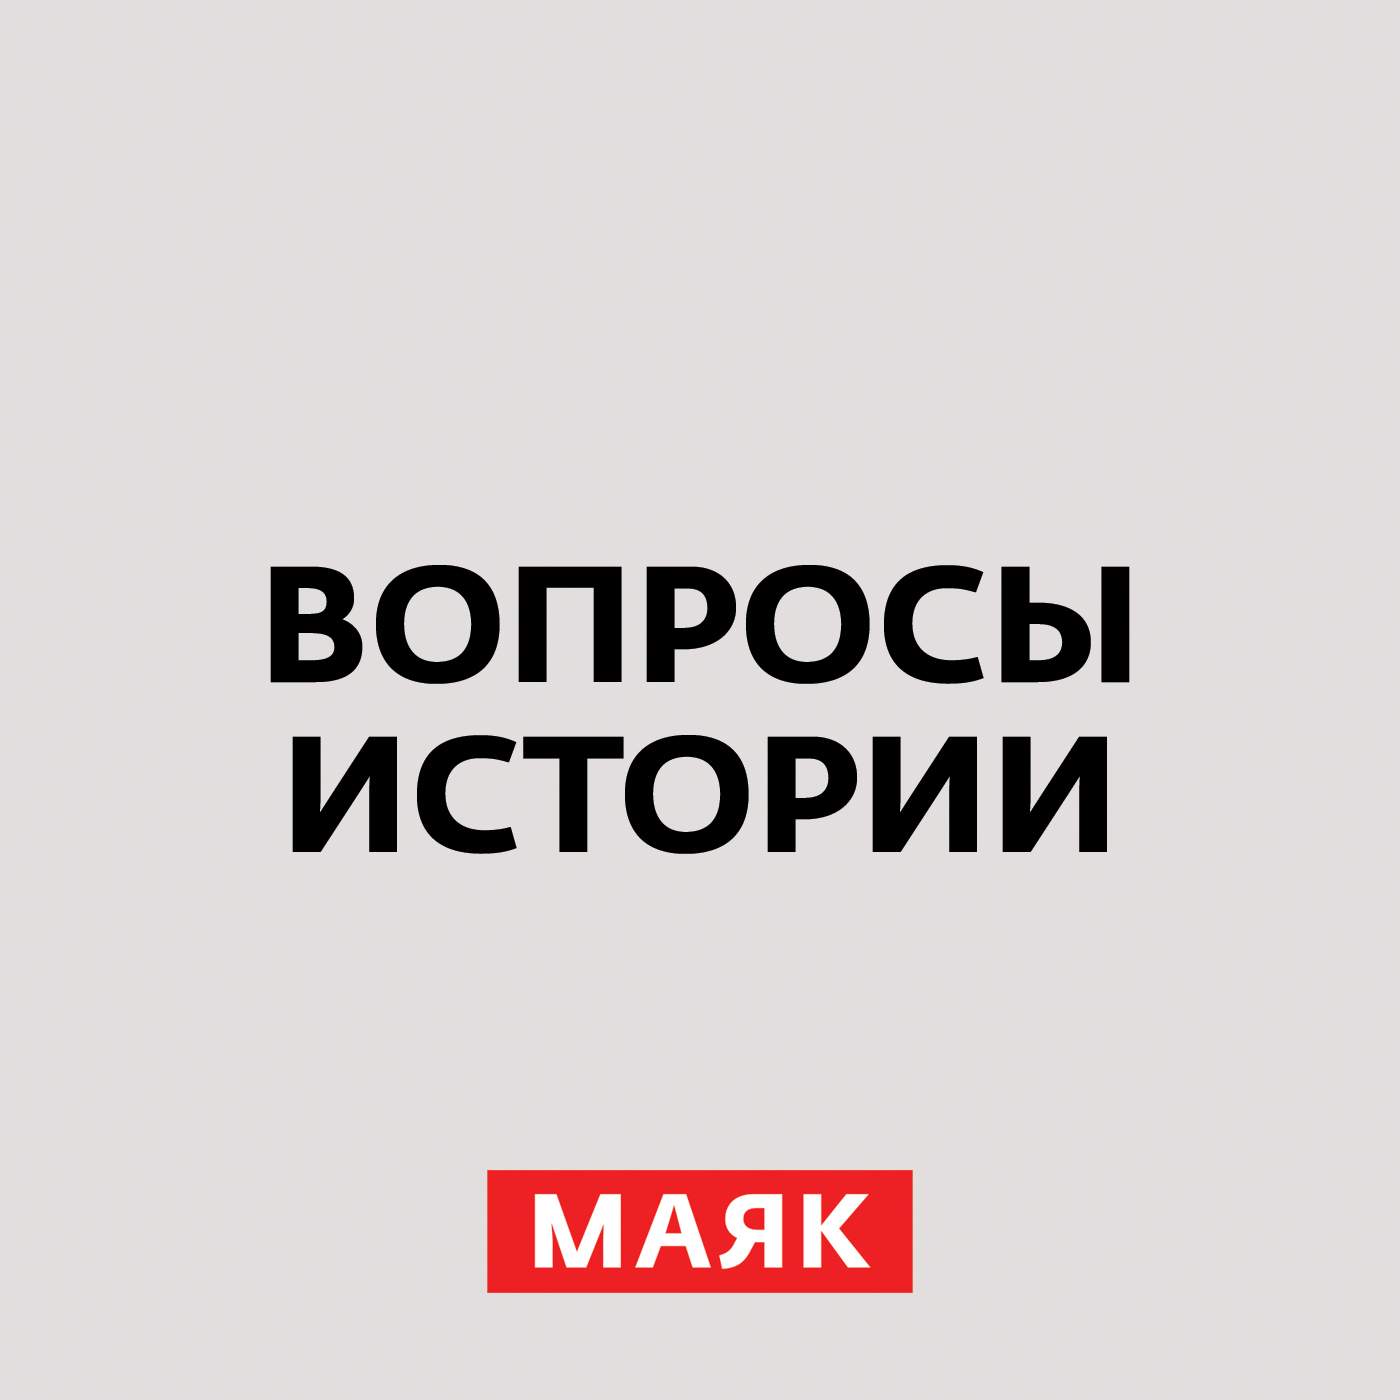 Андрей Светенко Война, безнадега, вши. О настроениях Первой мировой николай головин из истории кампании 1914 года на русском фронте план войны